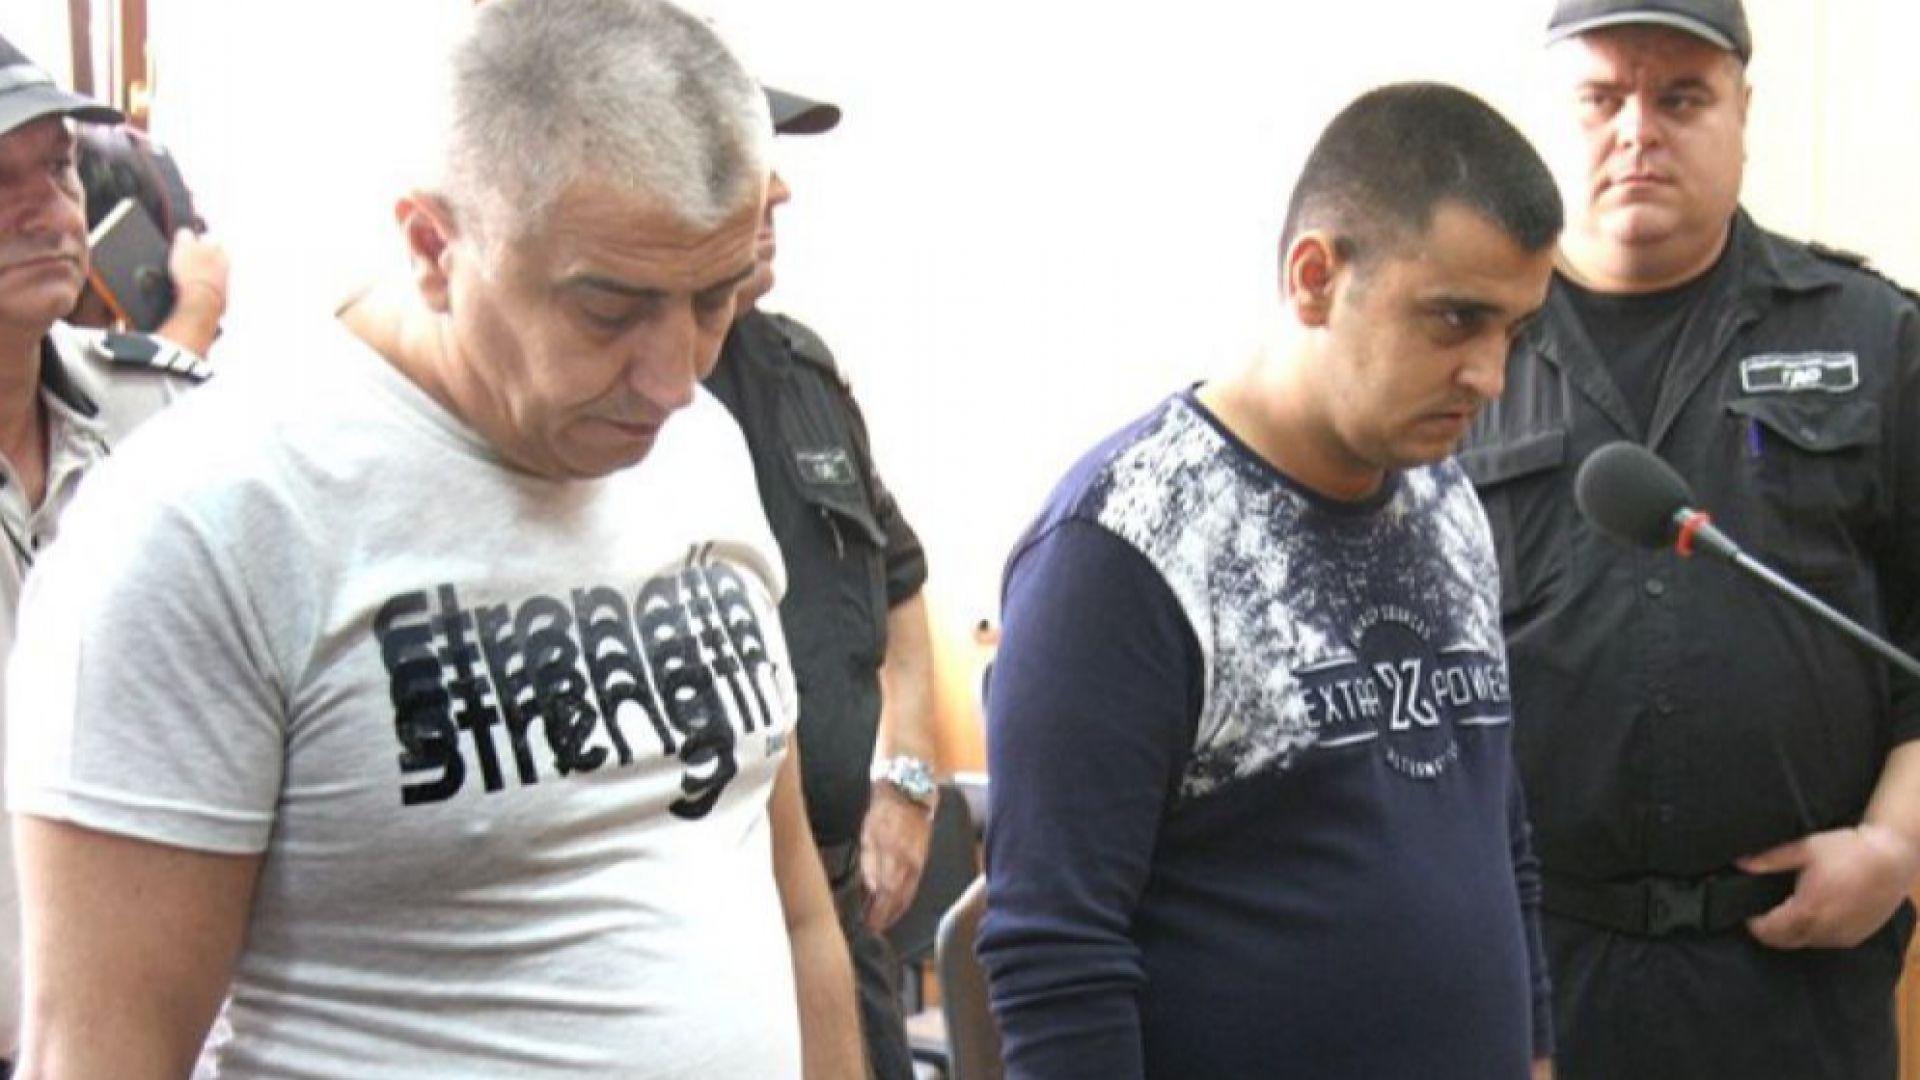 Бърз съд, но без ниски присъди за баща и син, убили съдружник и скрили тялото в бидон